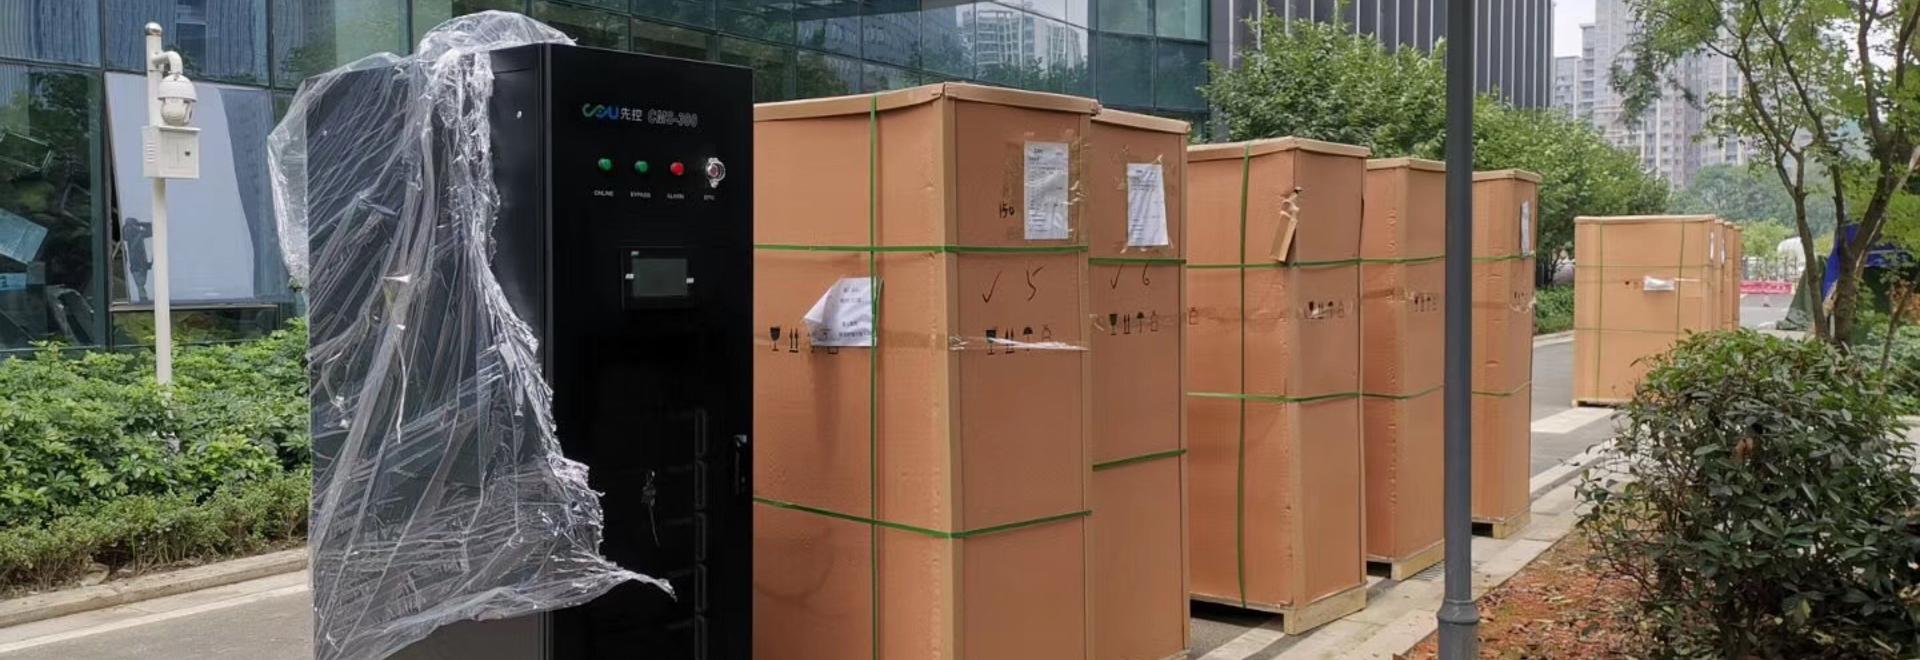 Onduleur modulaire Sicon CMS-300 300kW